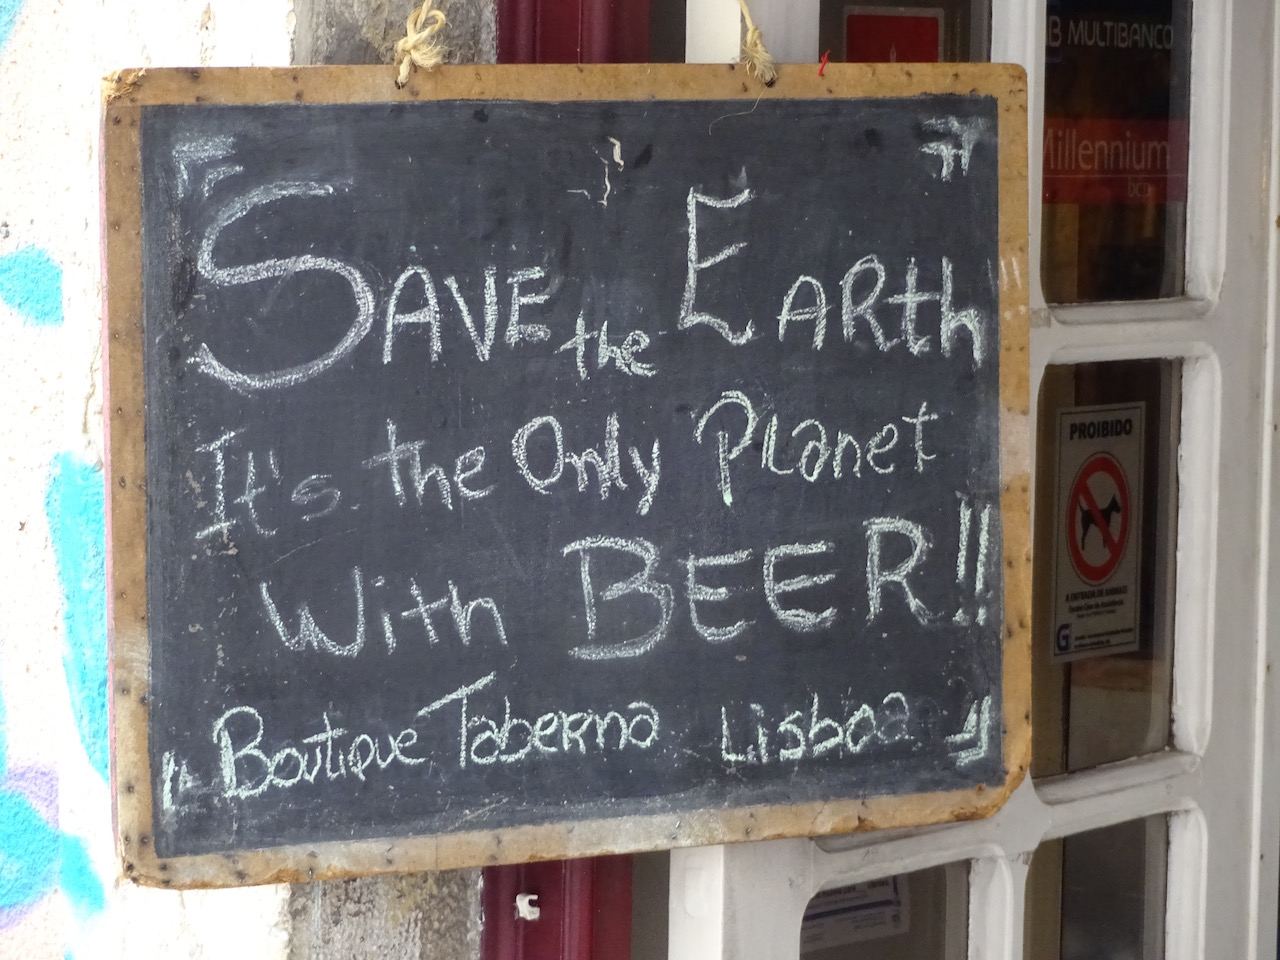 Rettet die Erde!